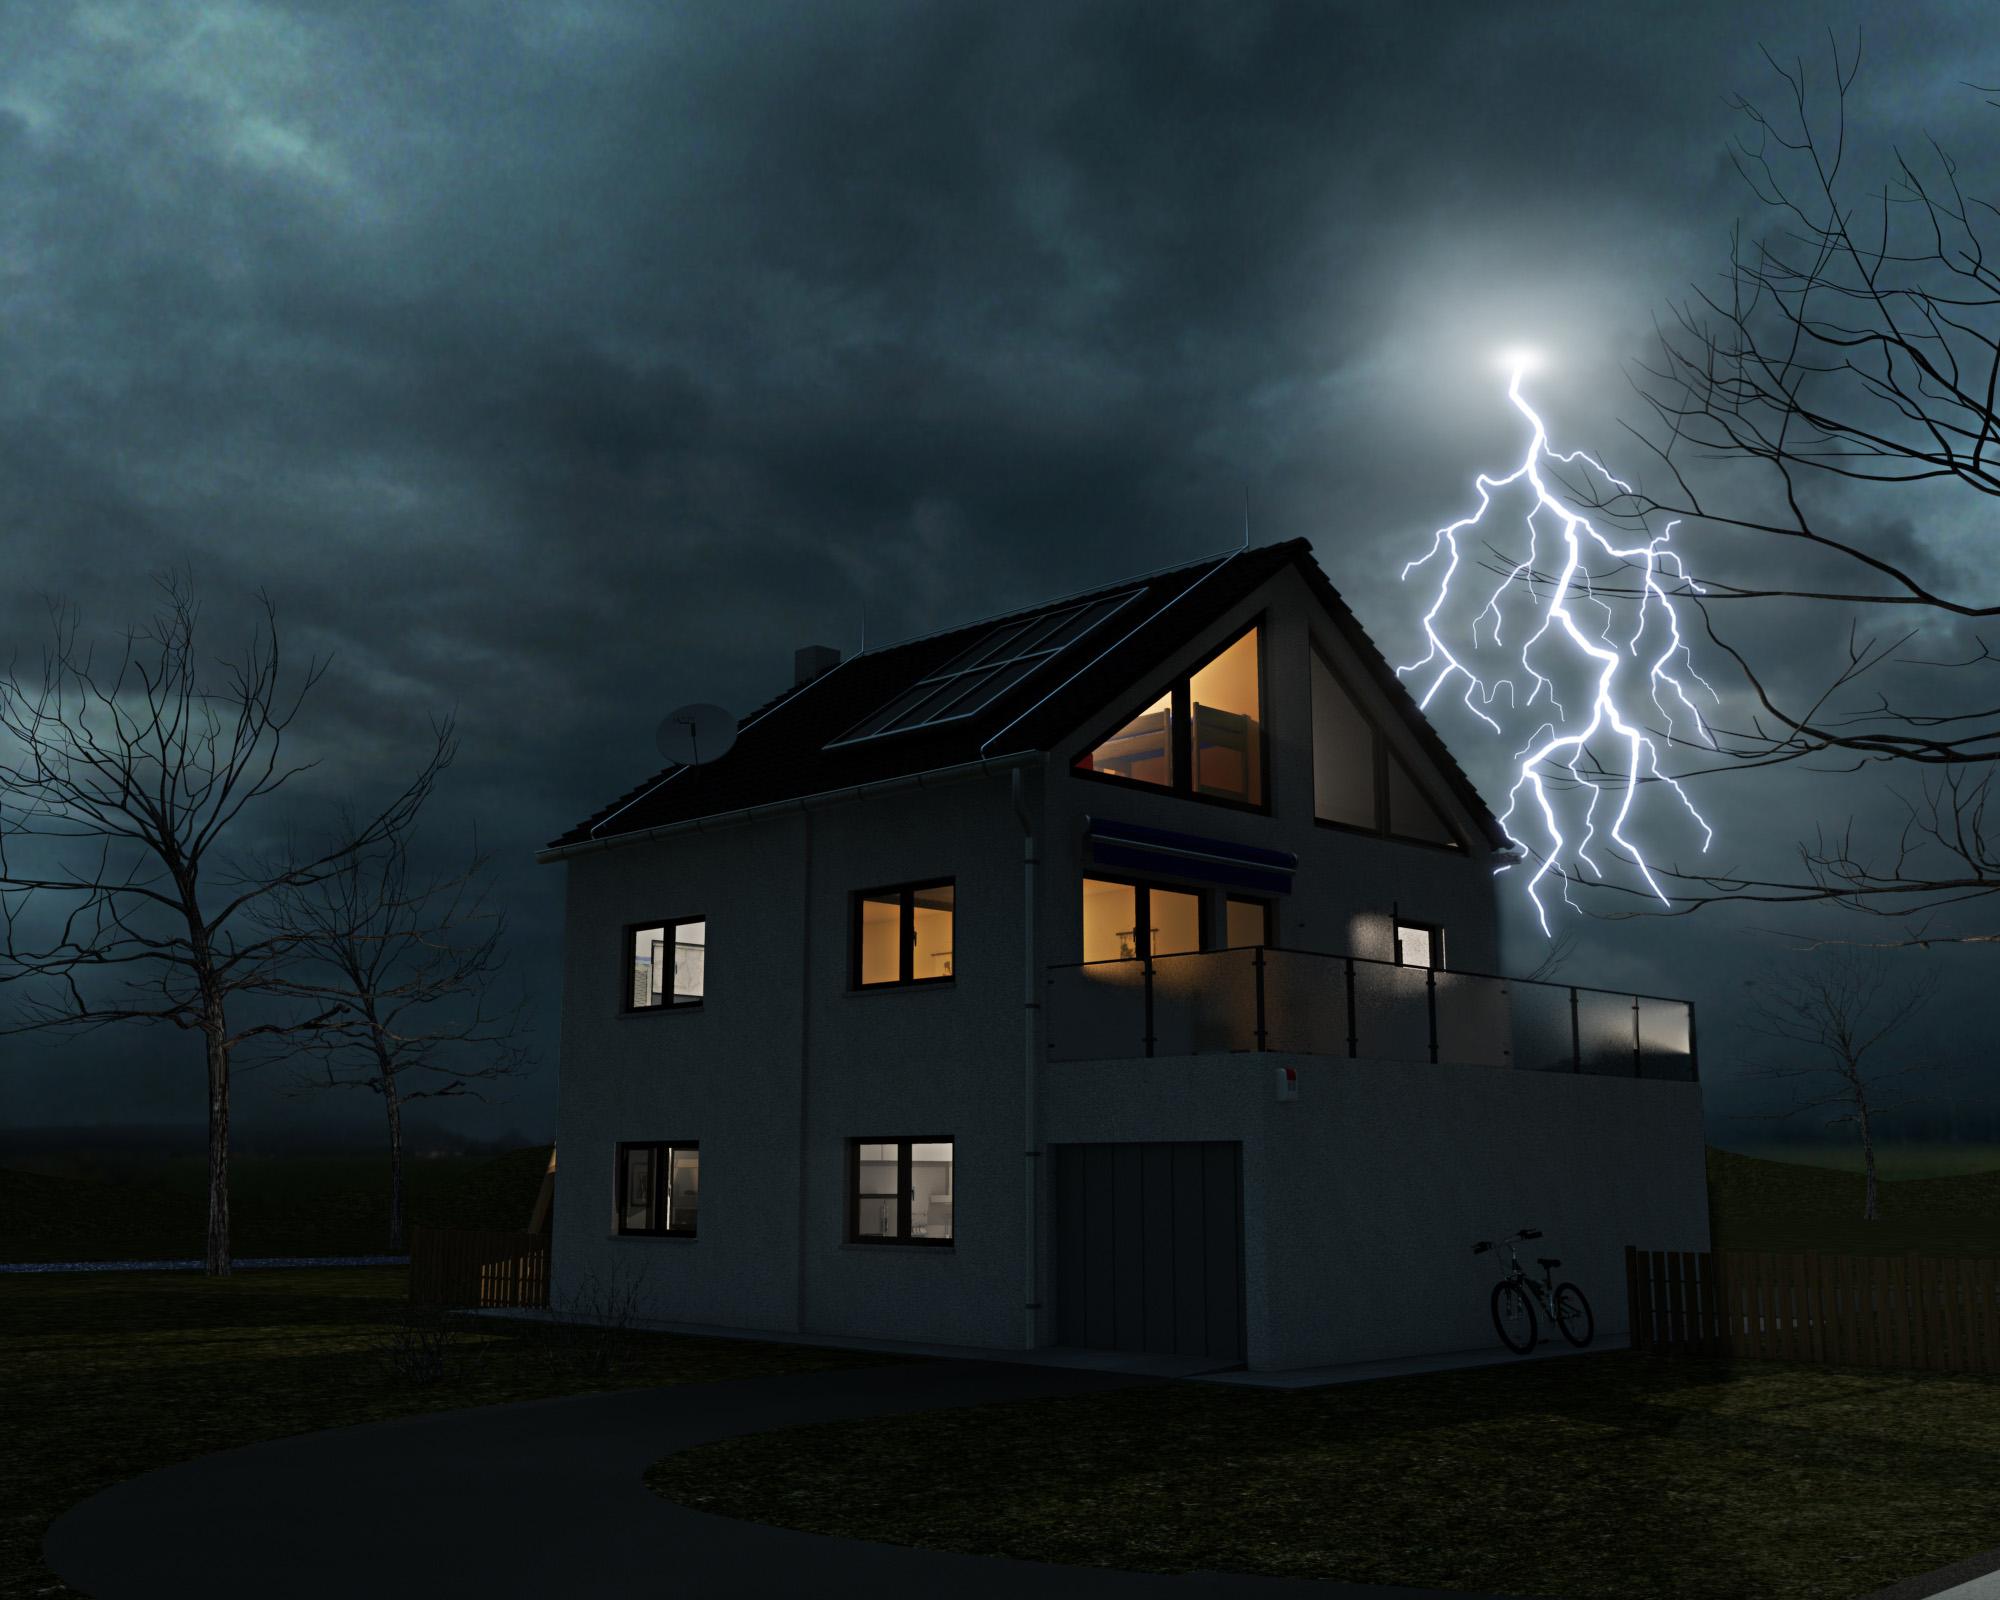 versicherungen wie man solaranlagen co richtig absichert ikz. Black Bedroom Furniture Sets. Home Design Ideas